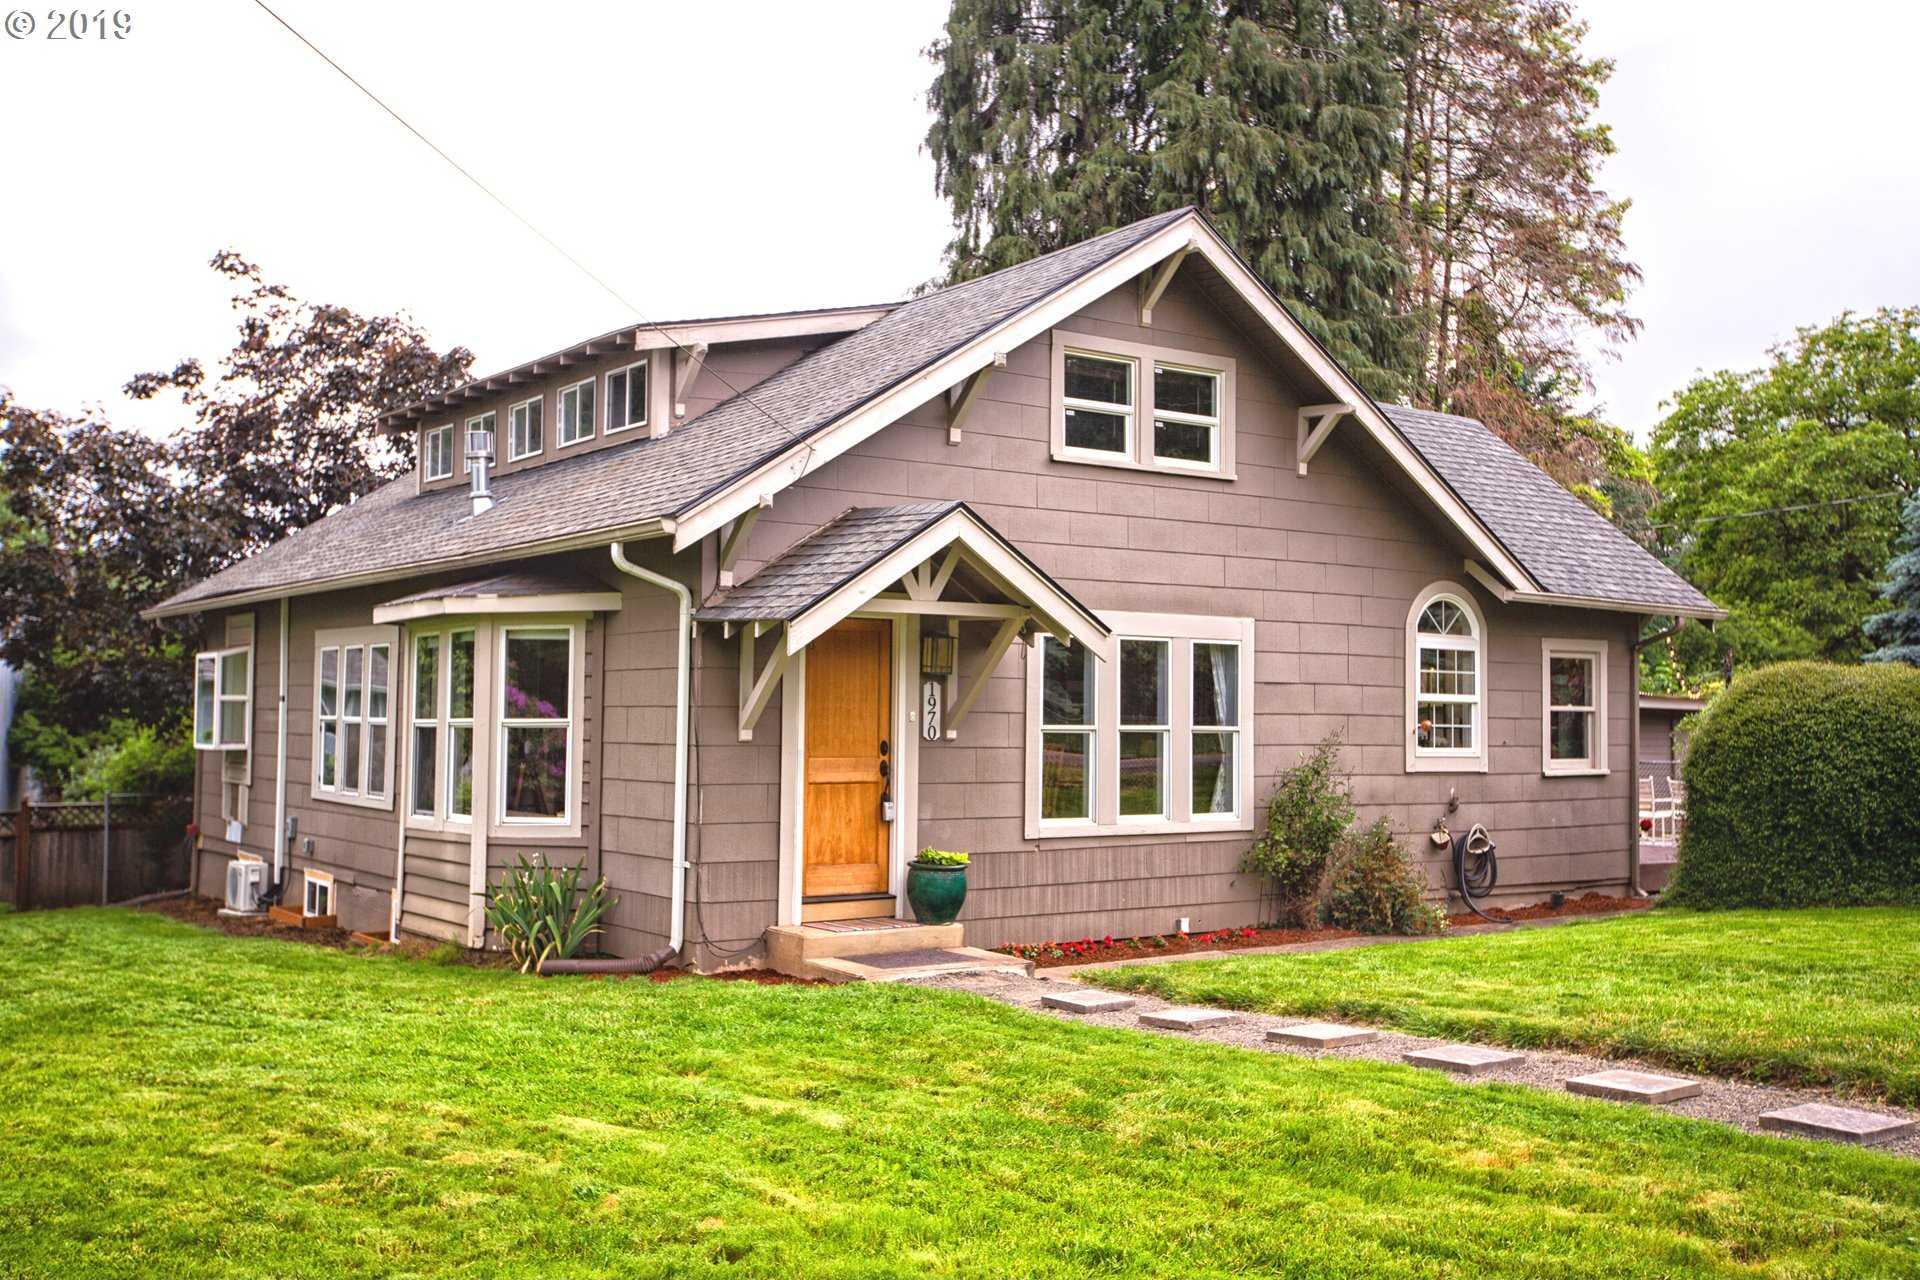 $515,000 - 3Br/3Ba -  for Sale in Willamette District, West Linn